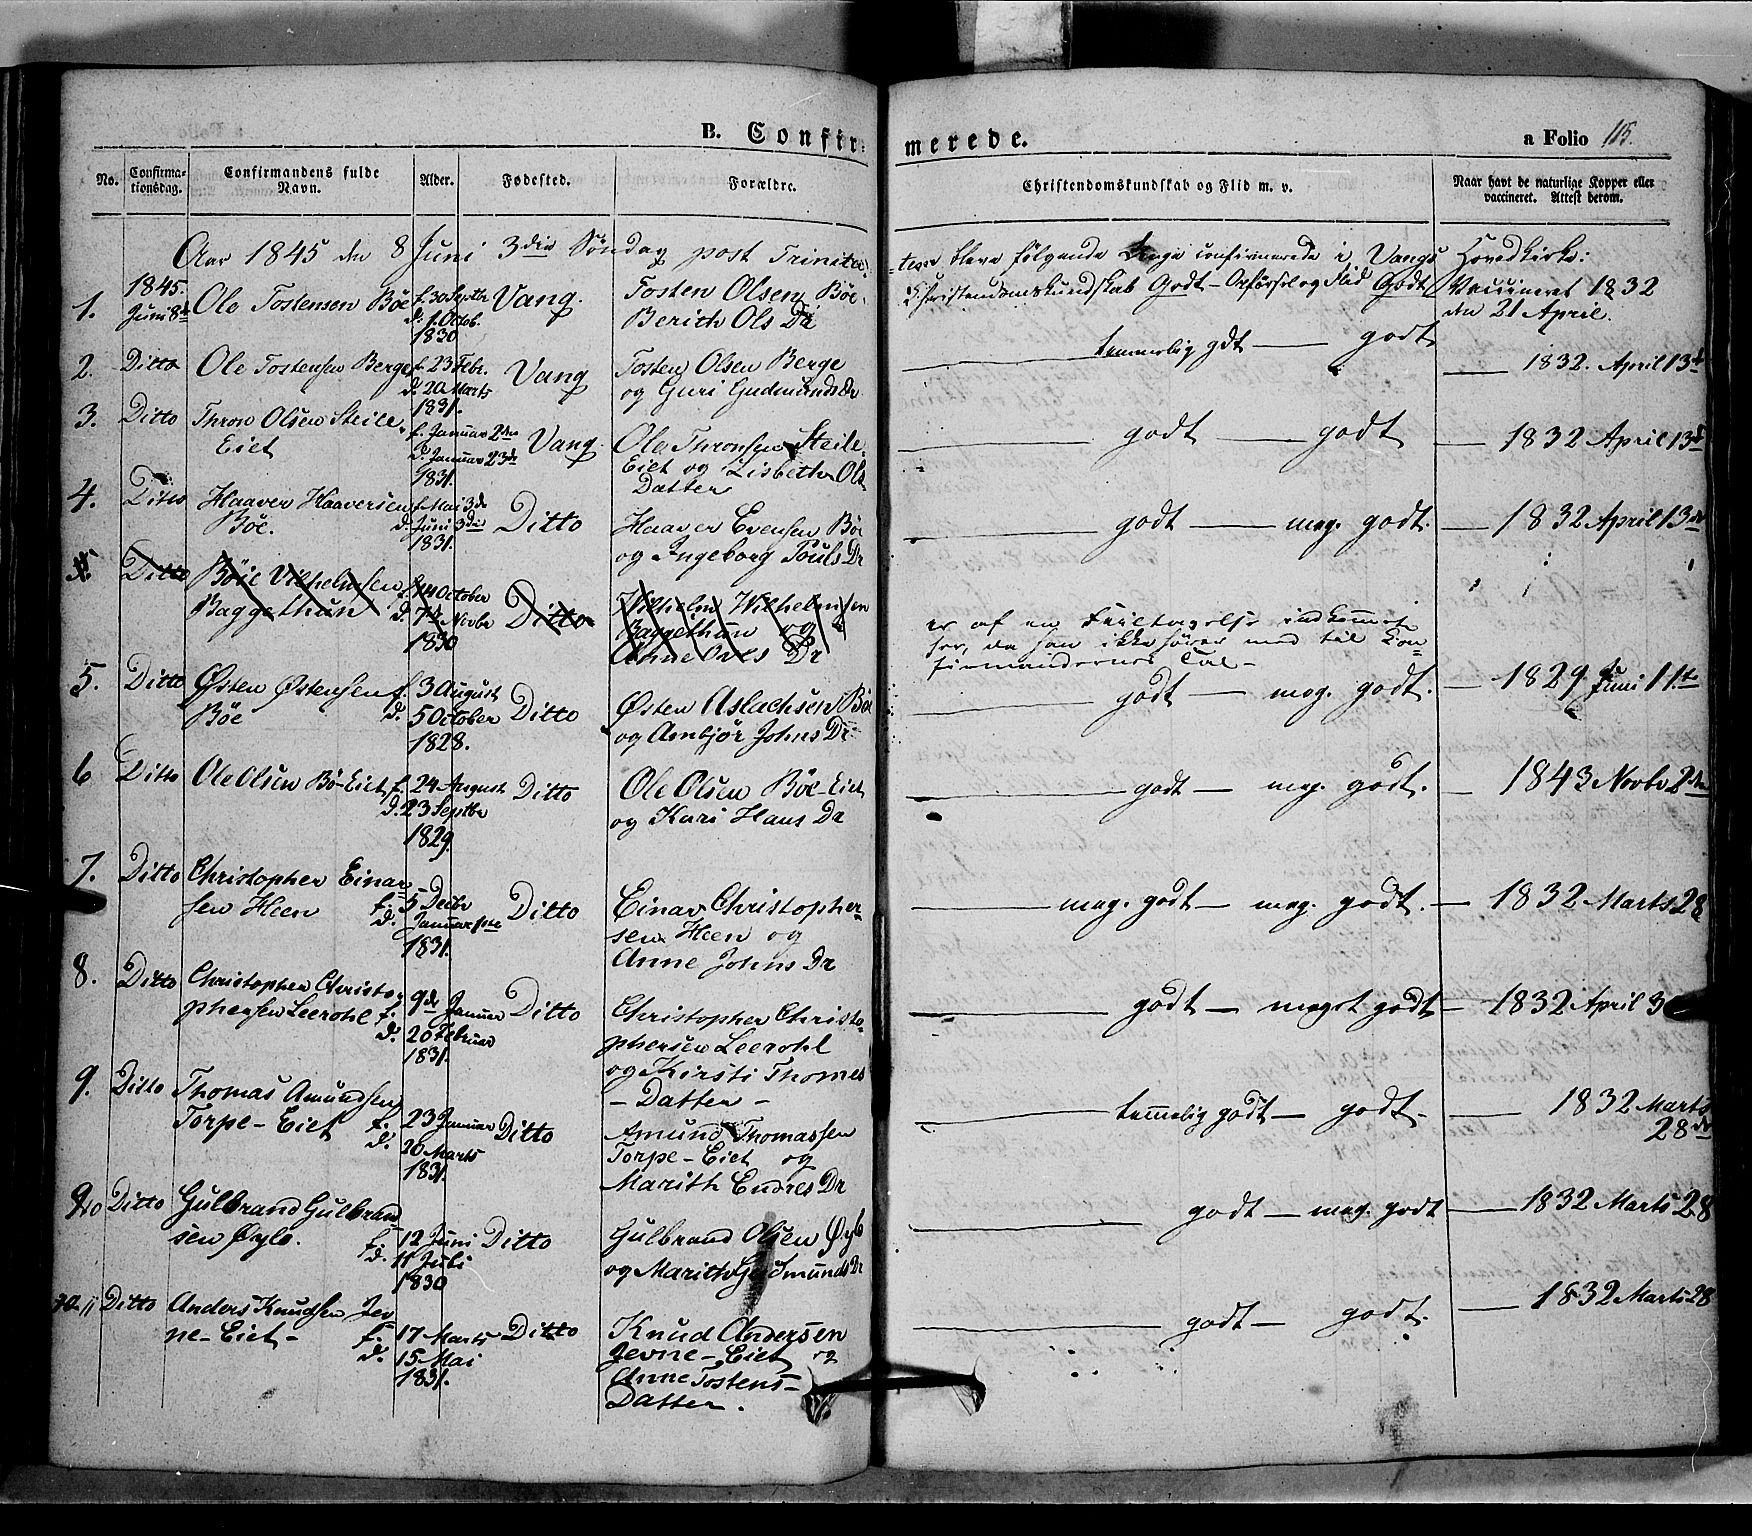 SAH, Vang prestekontor, Valdres, Ministerialbok nr. 5, 1831-1845, s. 115